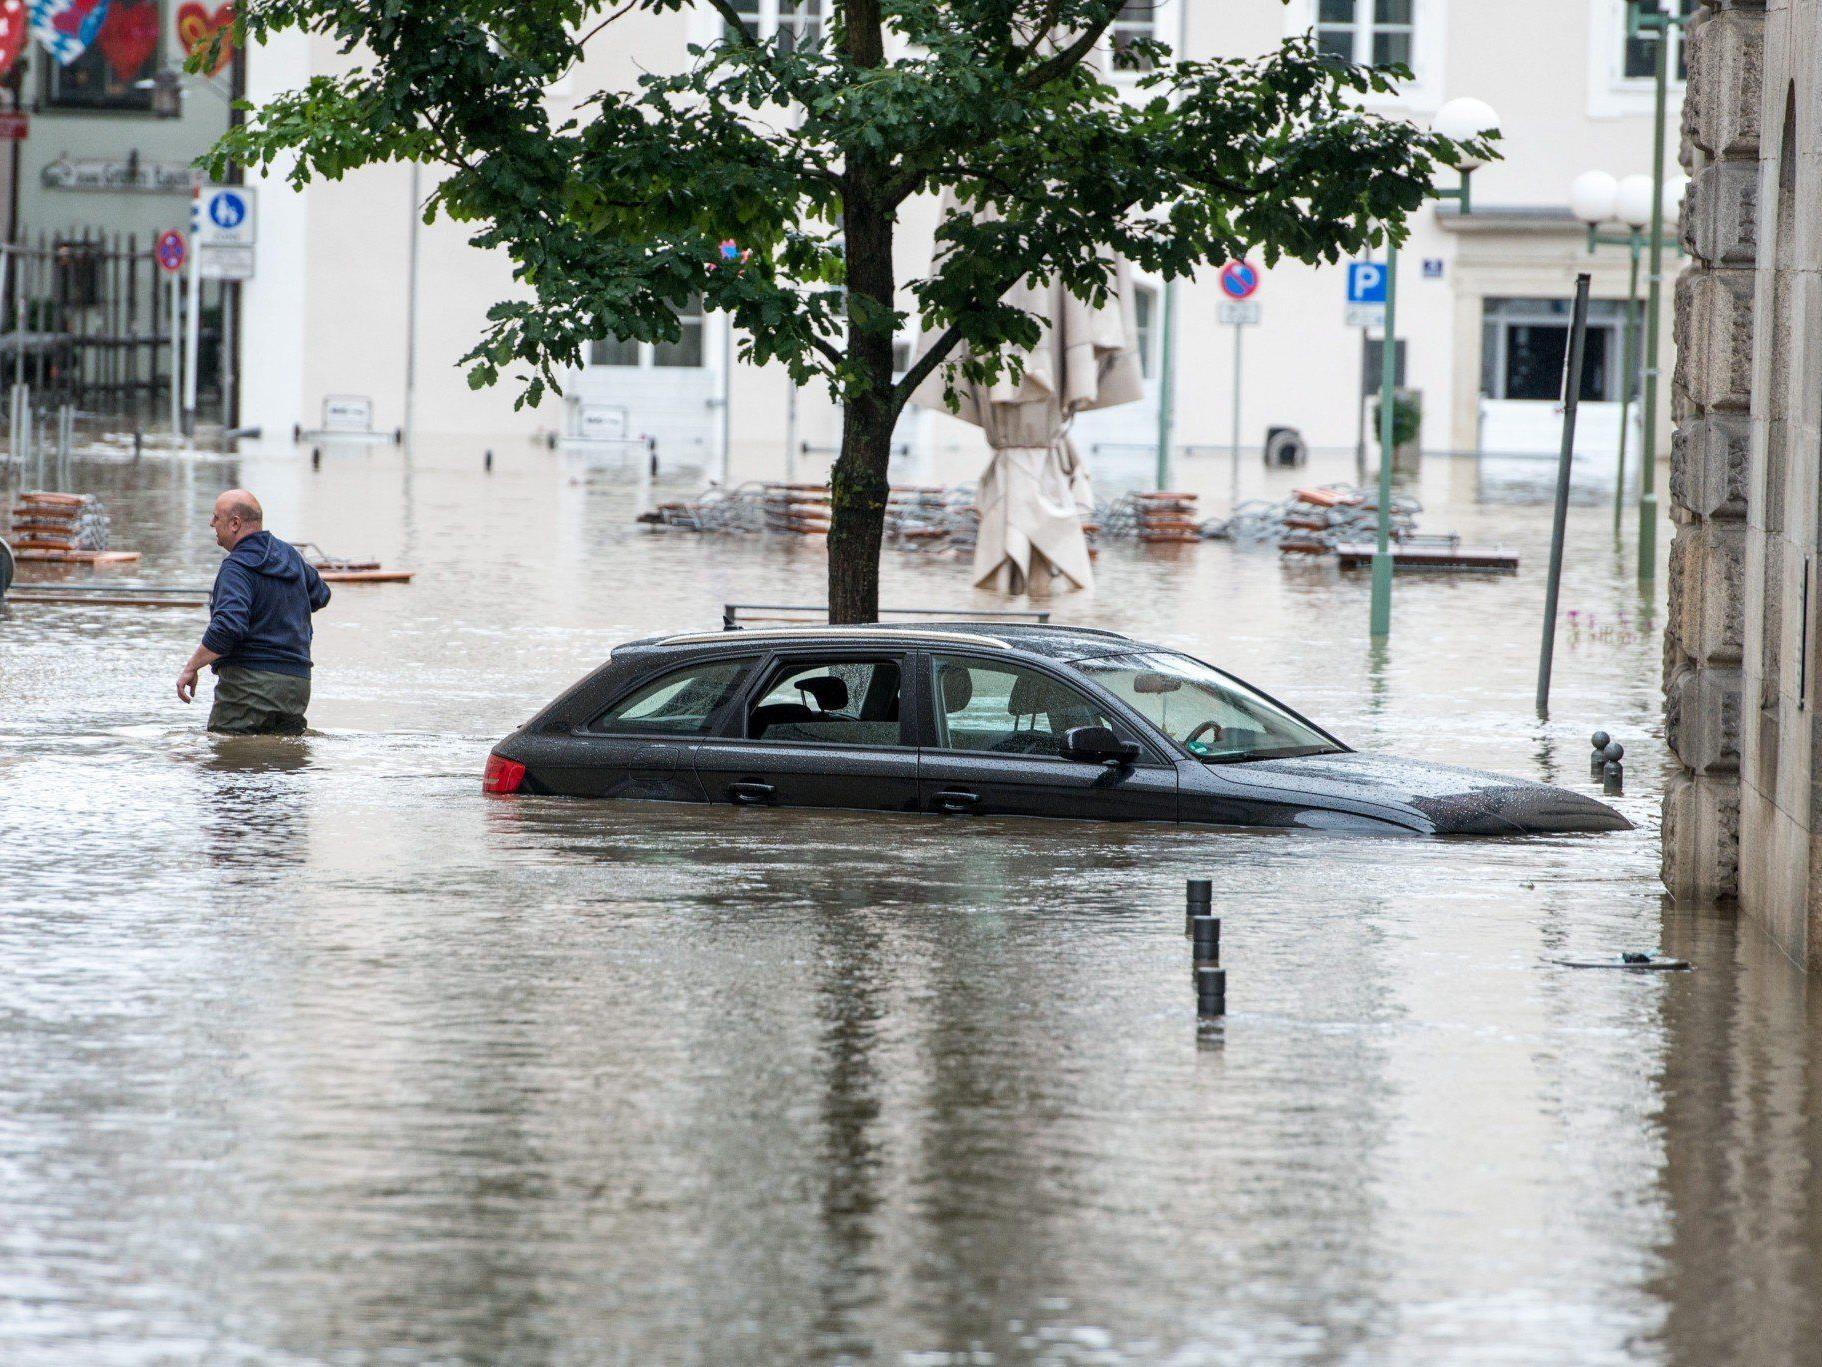 Das aktuelle Hochwasser in Passau fiel deutlich schlimmer aus als das von 1954.